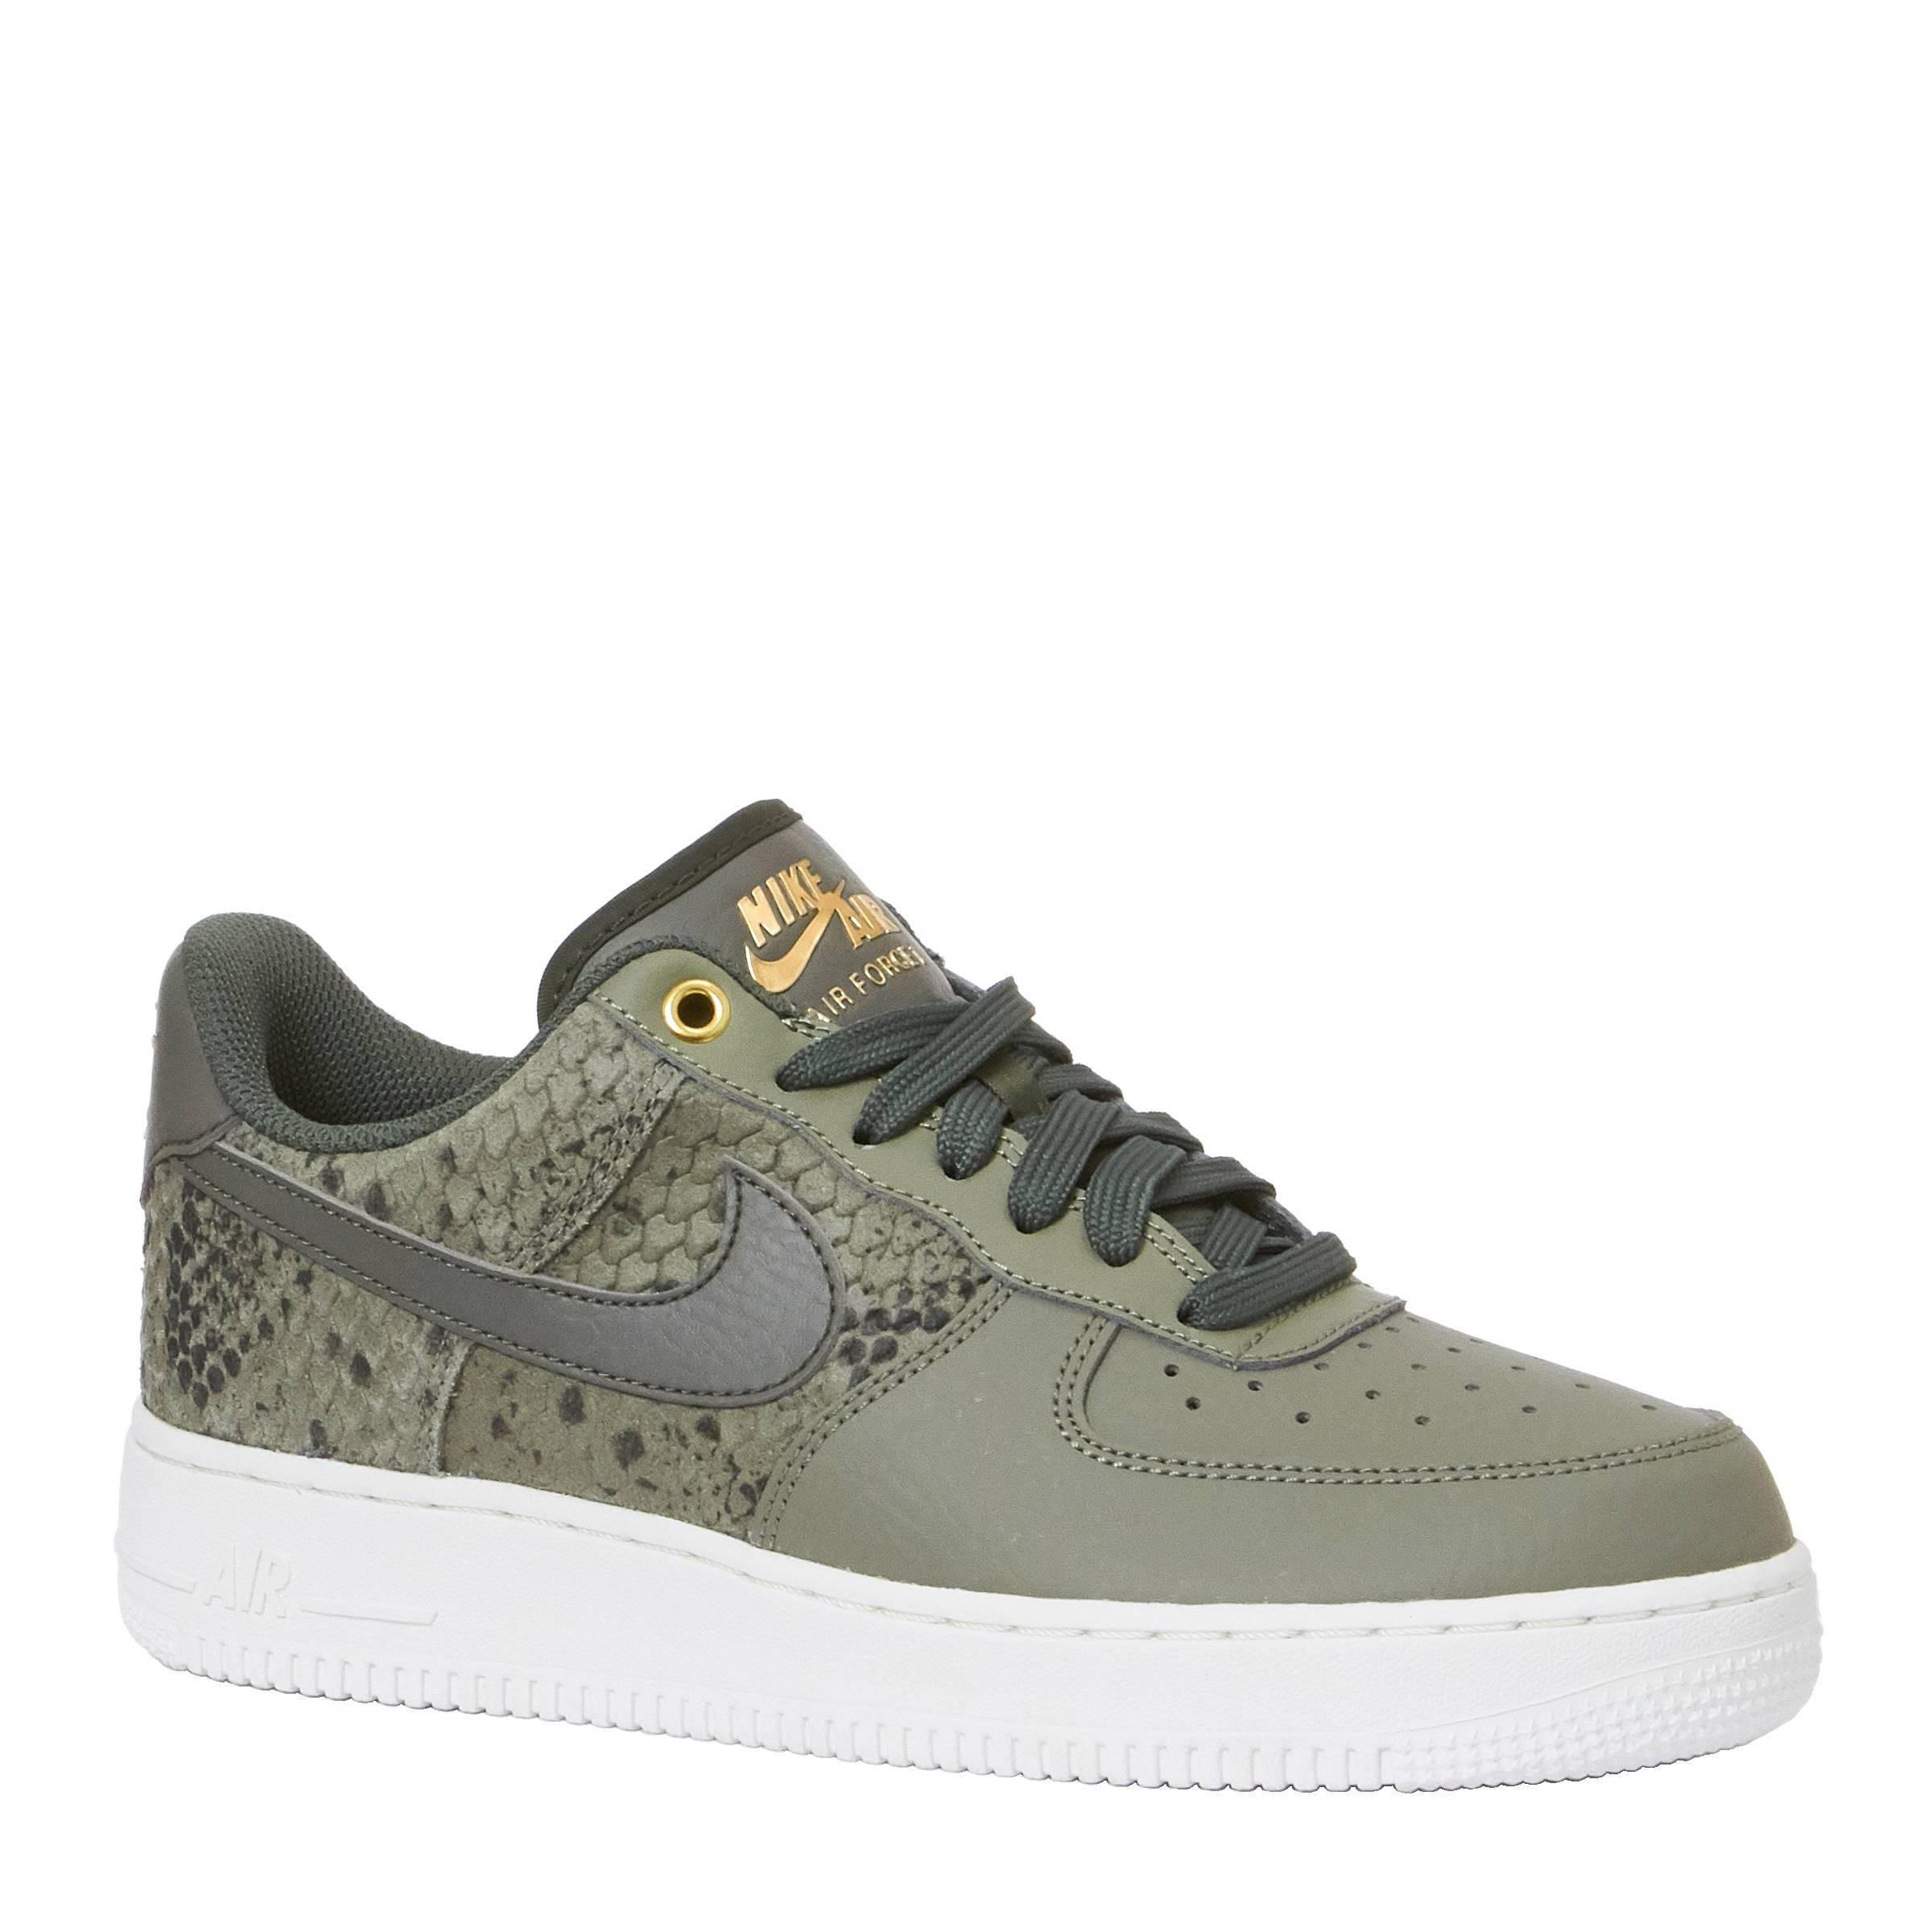 nike air force 1 dames blue|nike air force 1 dames blue sneaker